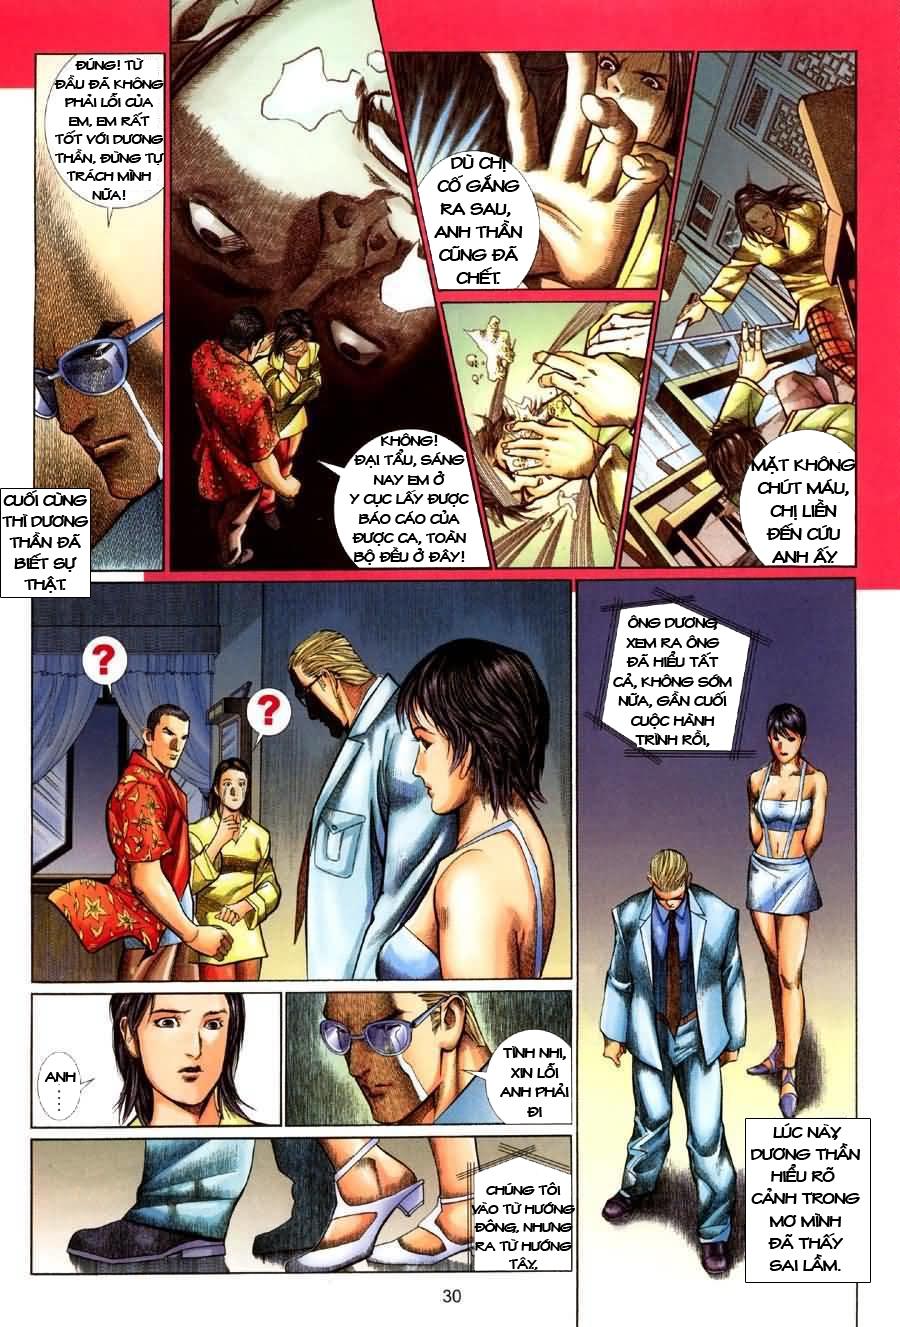 Quỷ Mộ chap 001 trang 30